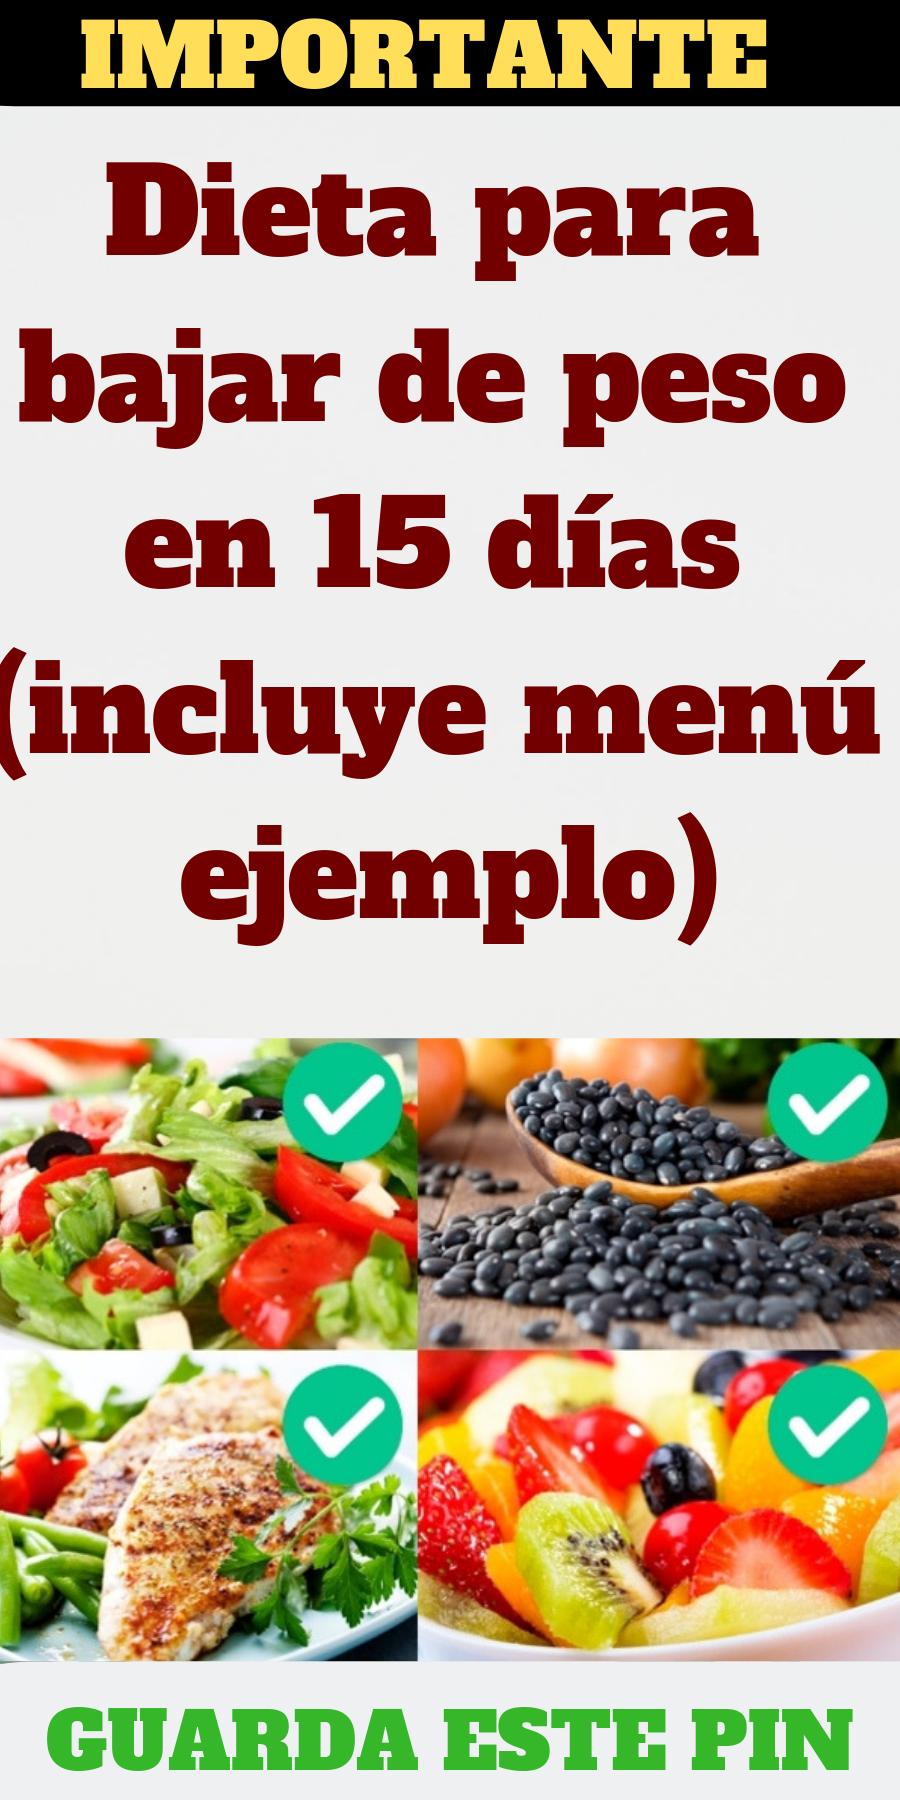 Ejemplos de menus de dietas para bajar de peso